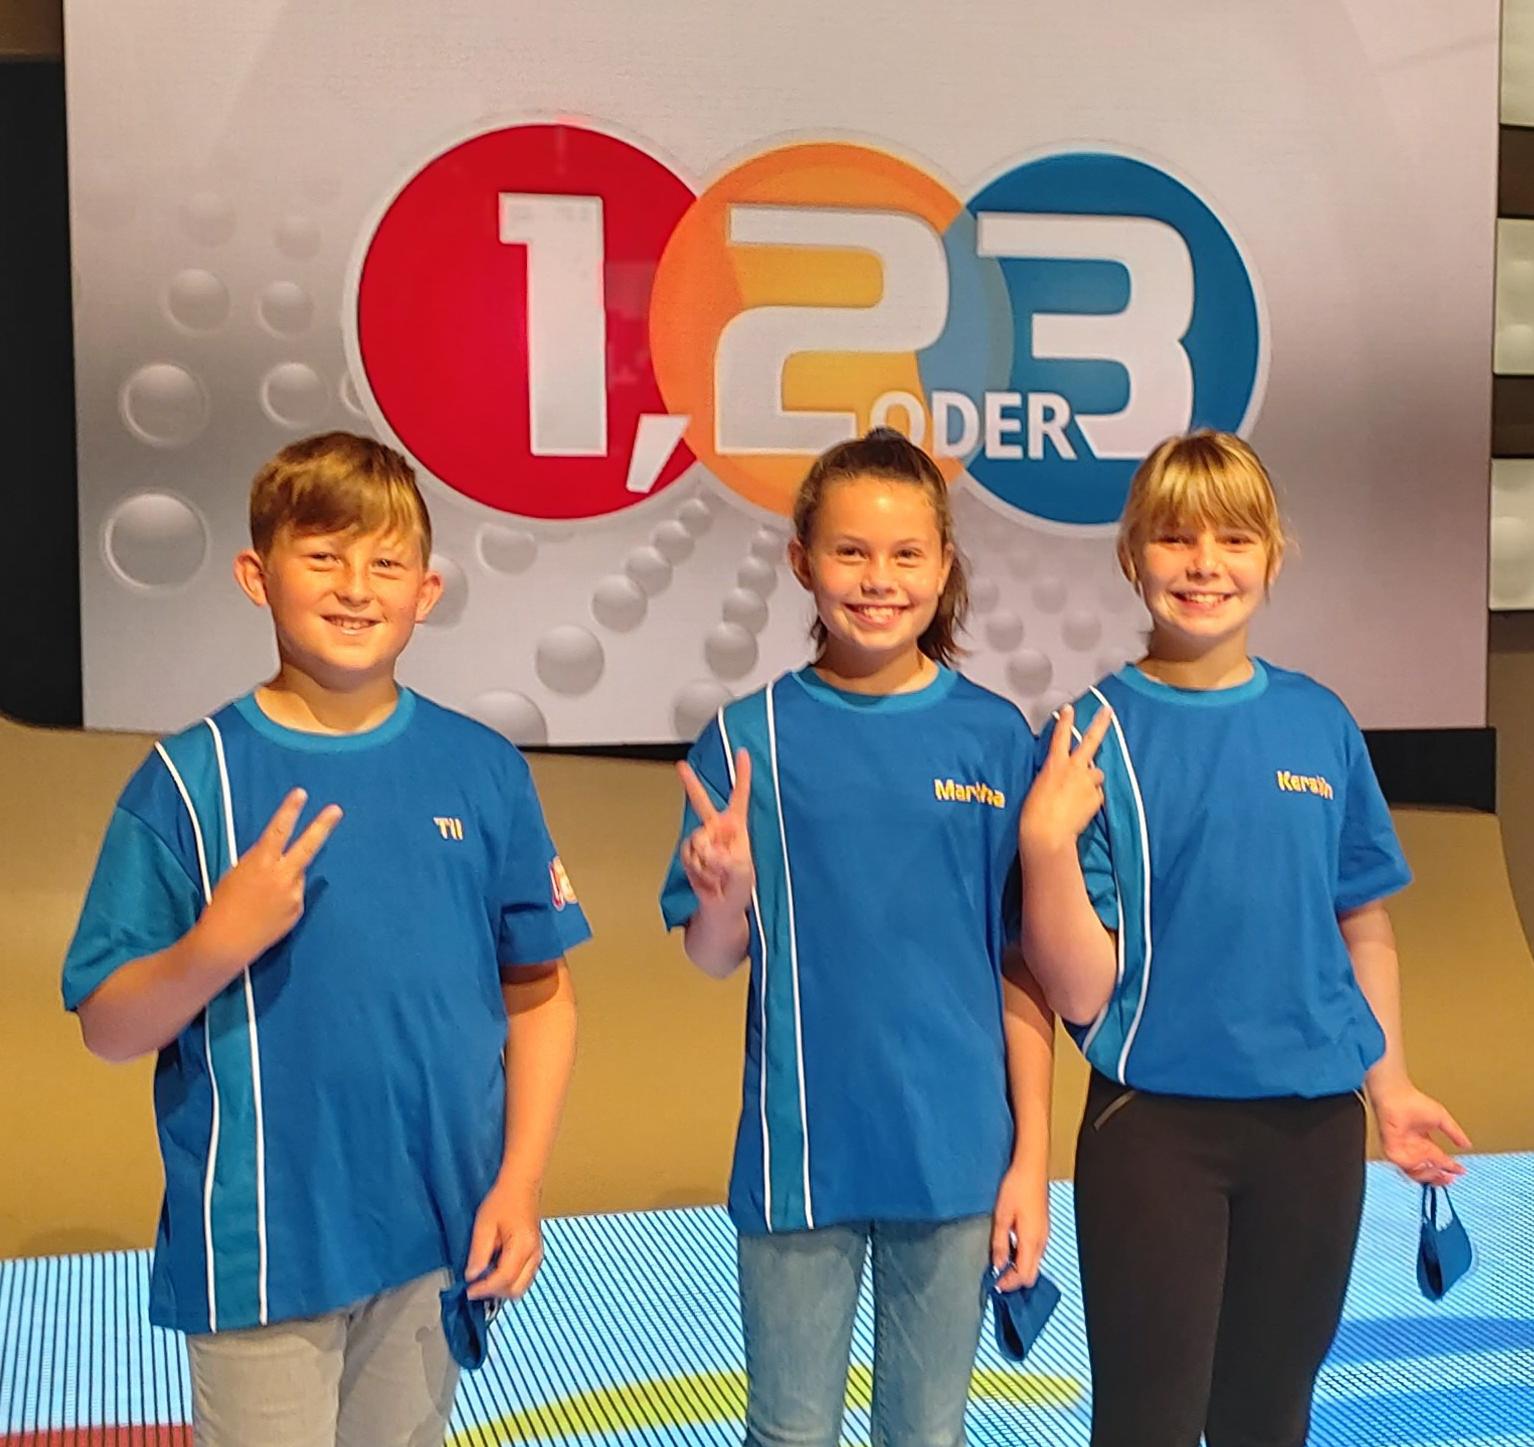 Die 6a kommt ins Fernsehen – Auftritt bei 1,2 oder 3 wird am Sonntag bei Kika ausgestrahlt